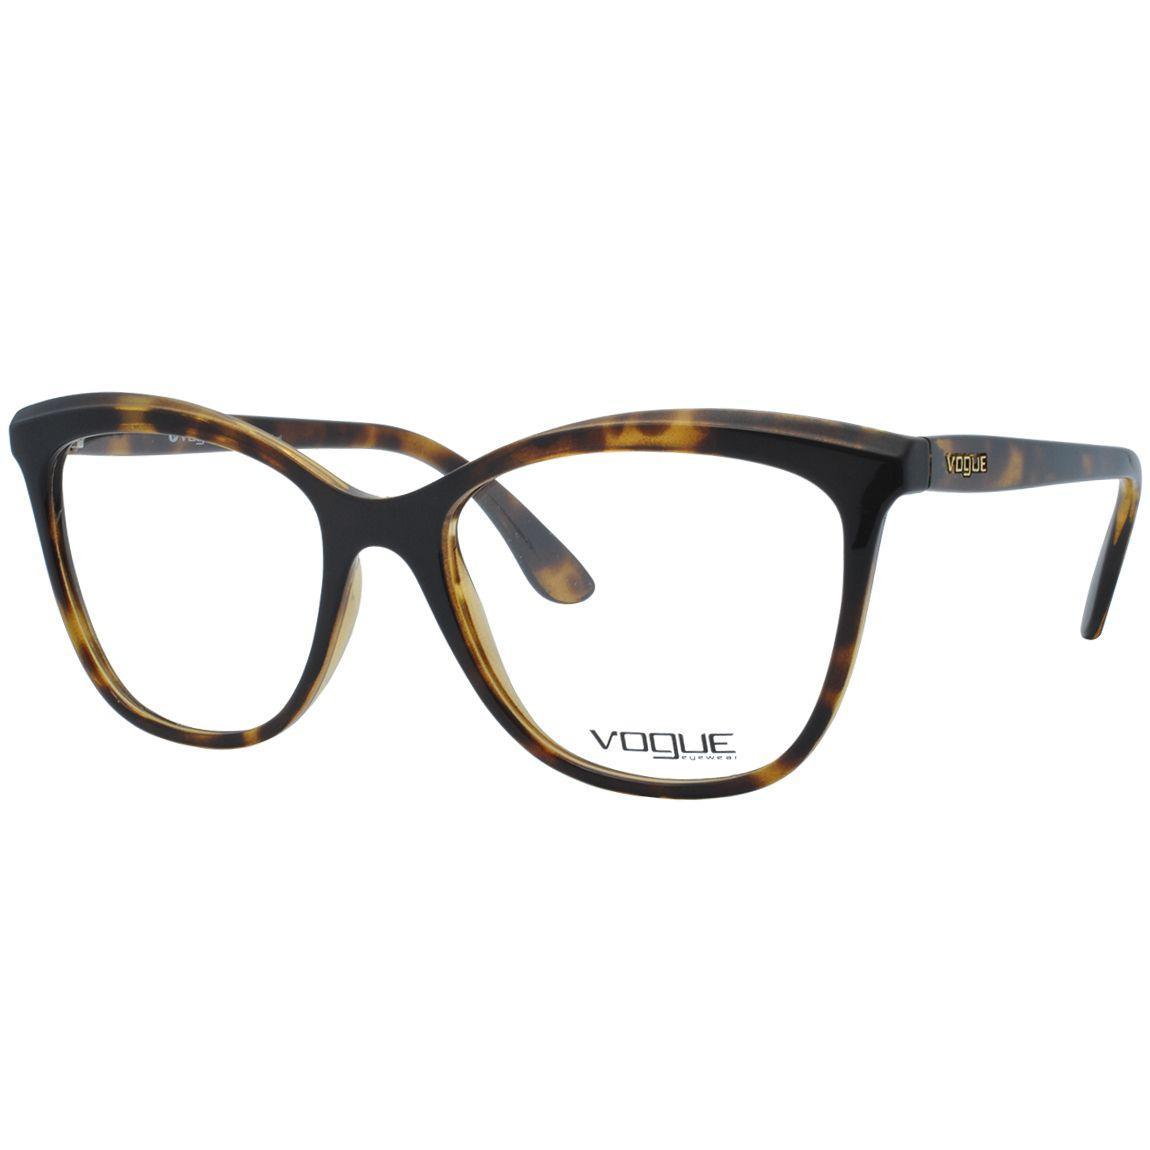 Óculos de Grau Vogue Feminino VO5188L 2590 - Acetato Tartaruga Marrom R   381,00 à vista. Adicionar à sacola 3d0a03eab4